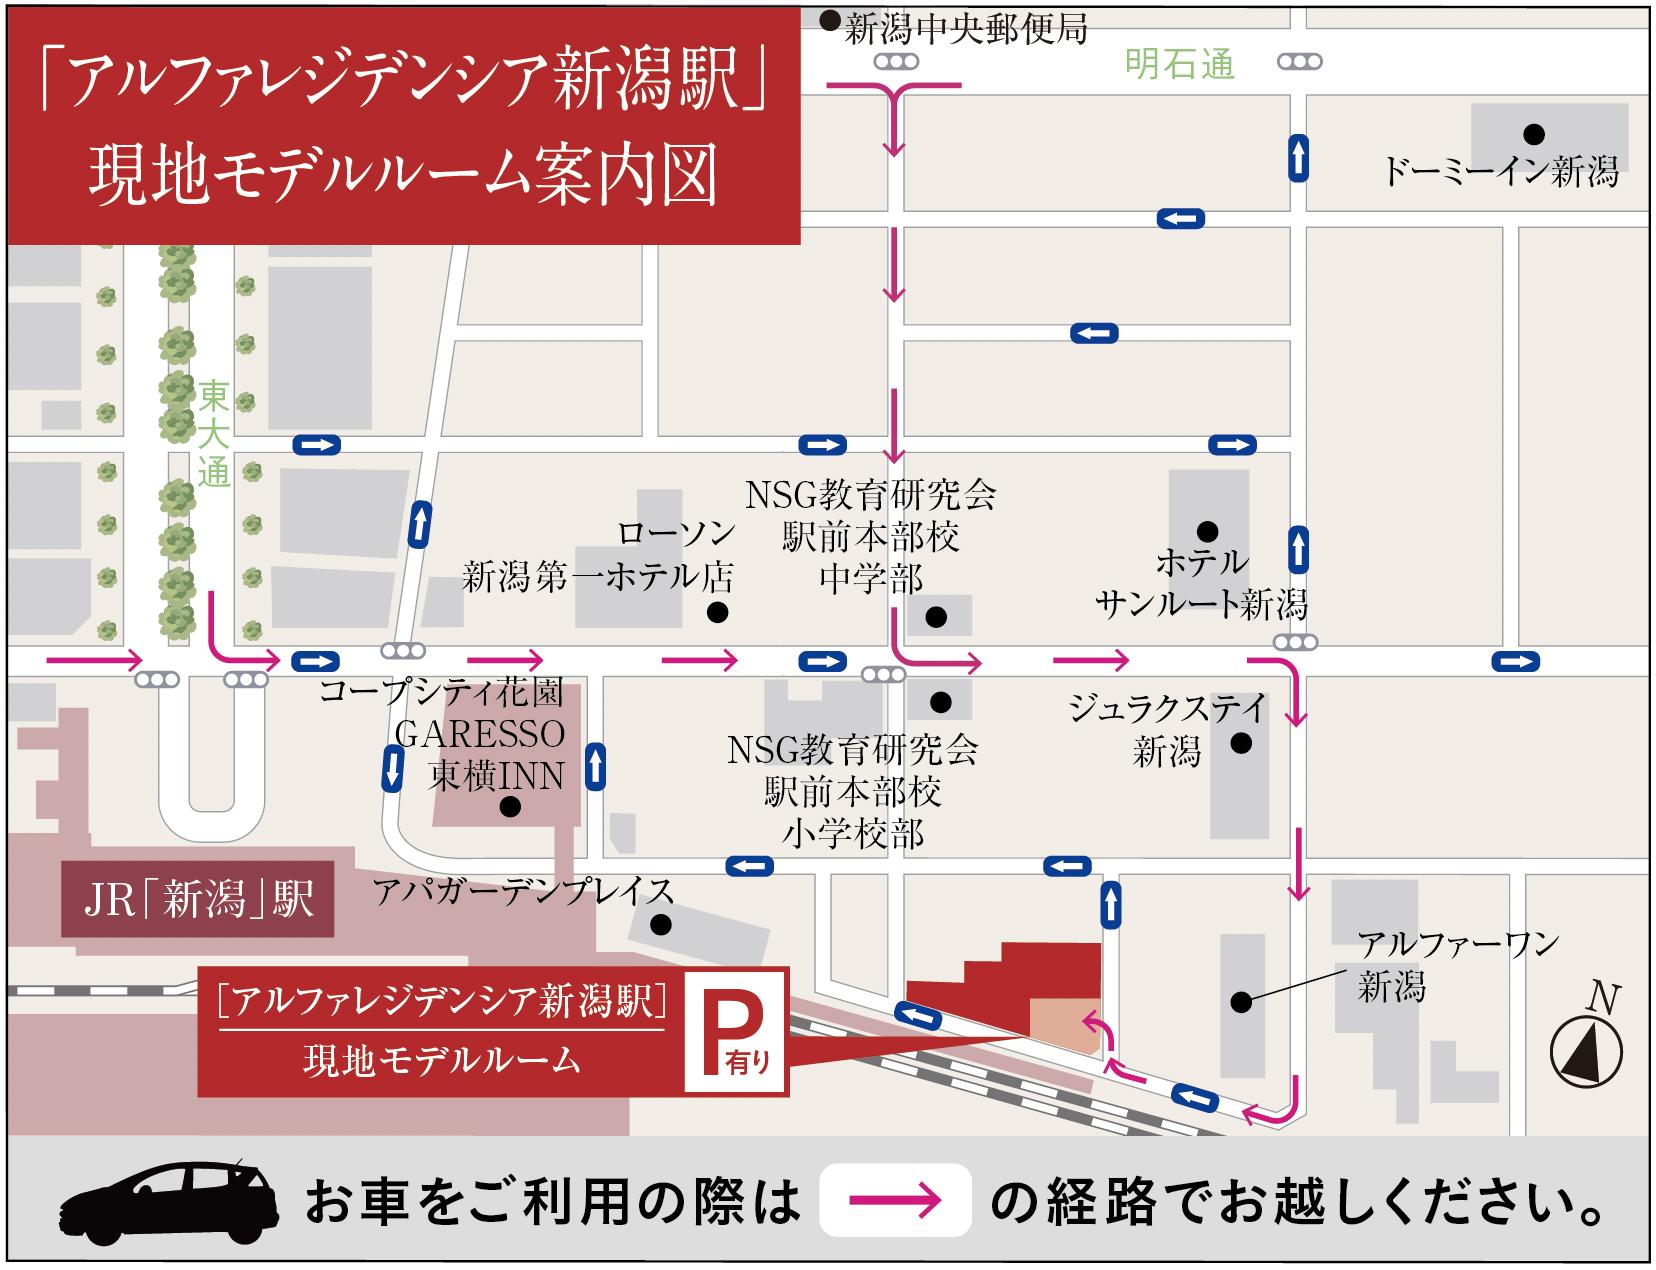 アルファレジデンシア新潟駅:モデルルーム地図